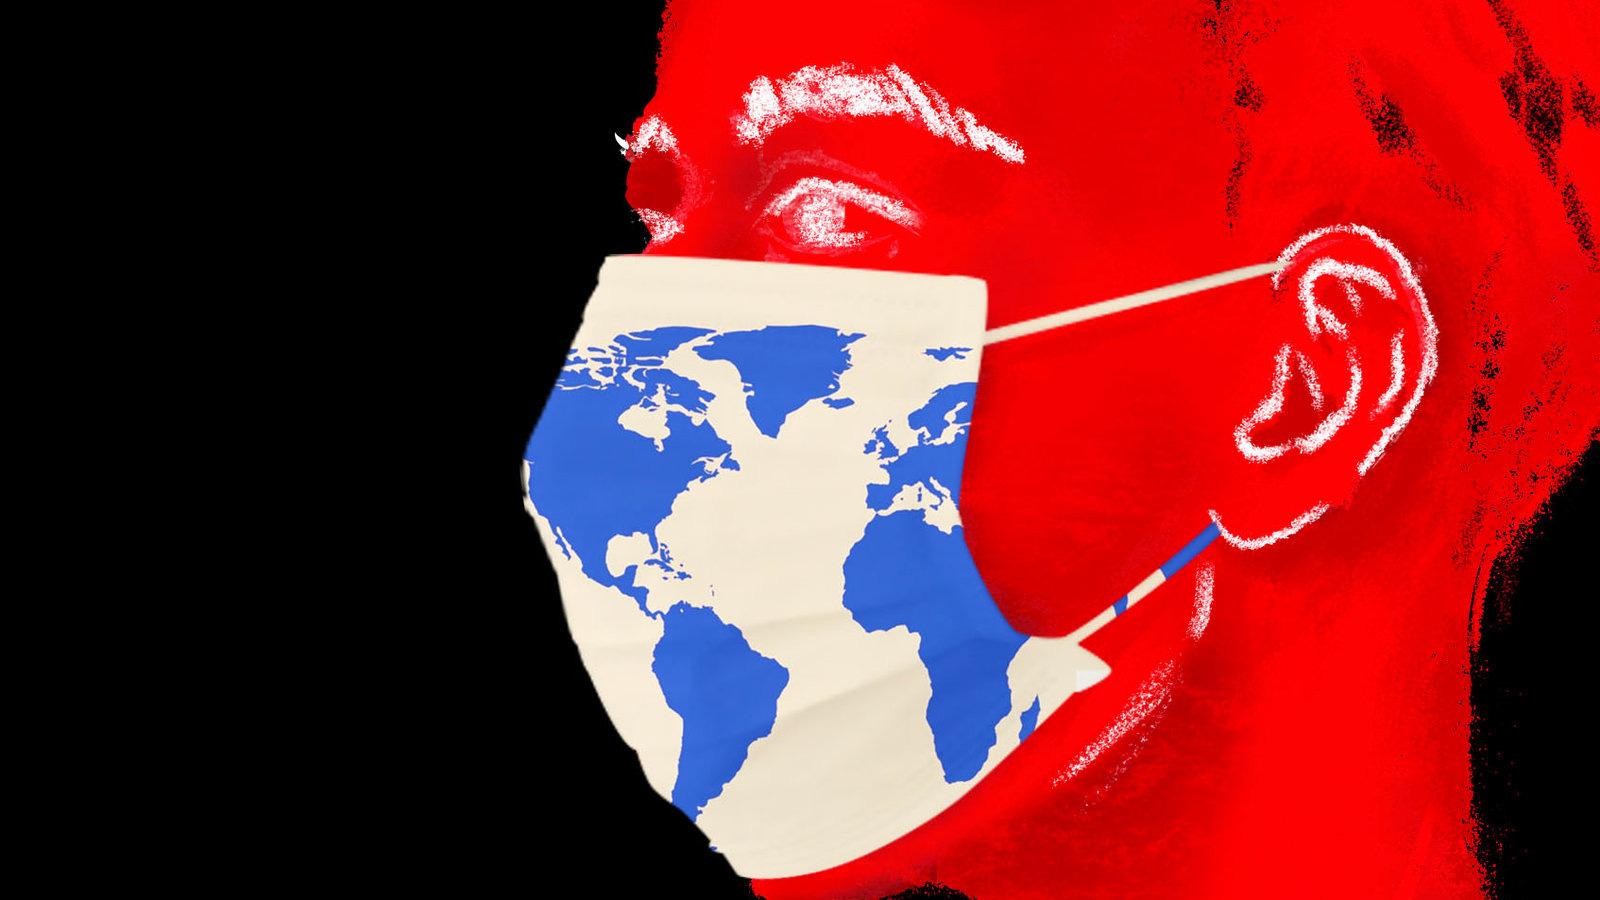 Dịch bệnh Covid-19 giáng đòn mạnh lên kinh tế toàn cầu, nhiều quốc gia phải trả giá đắt - Ảnh 1.